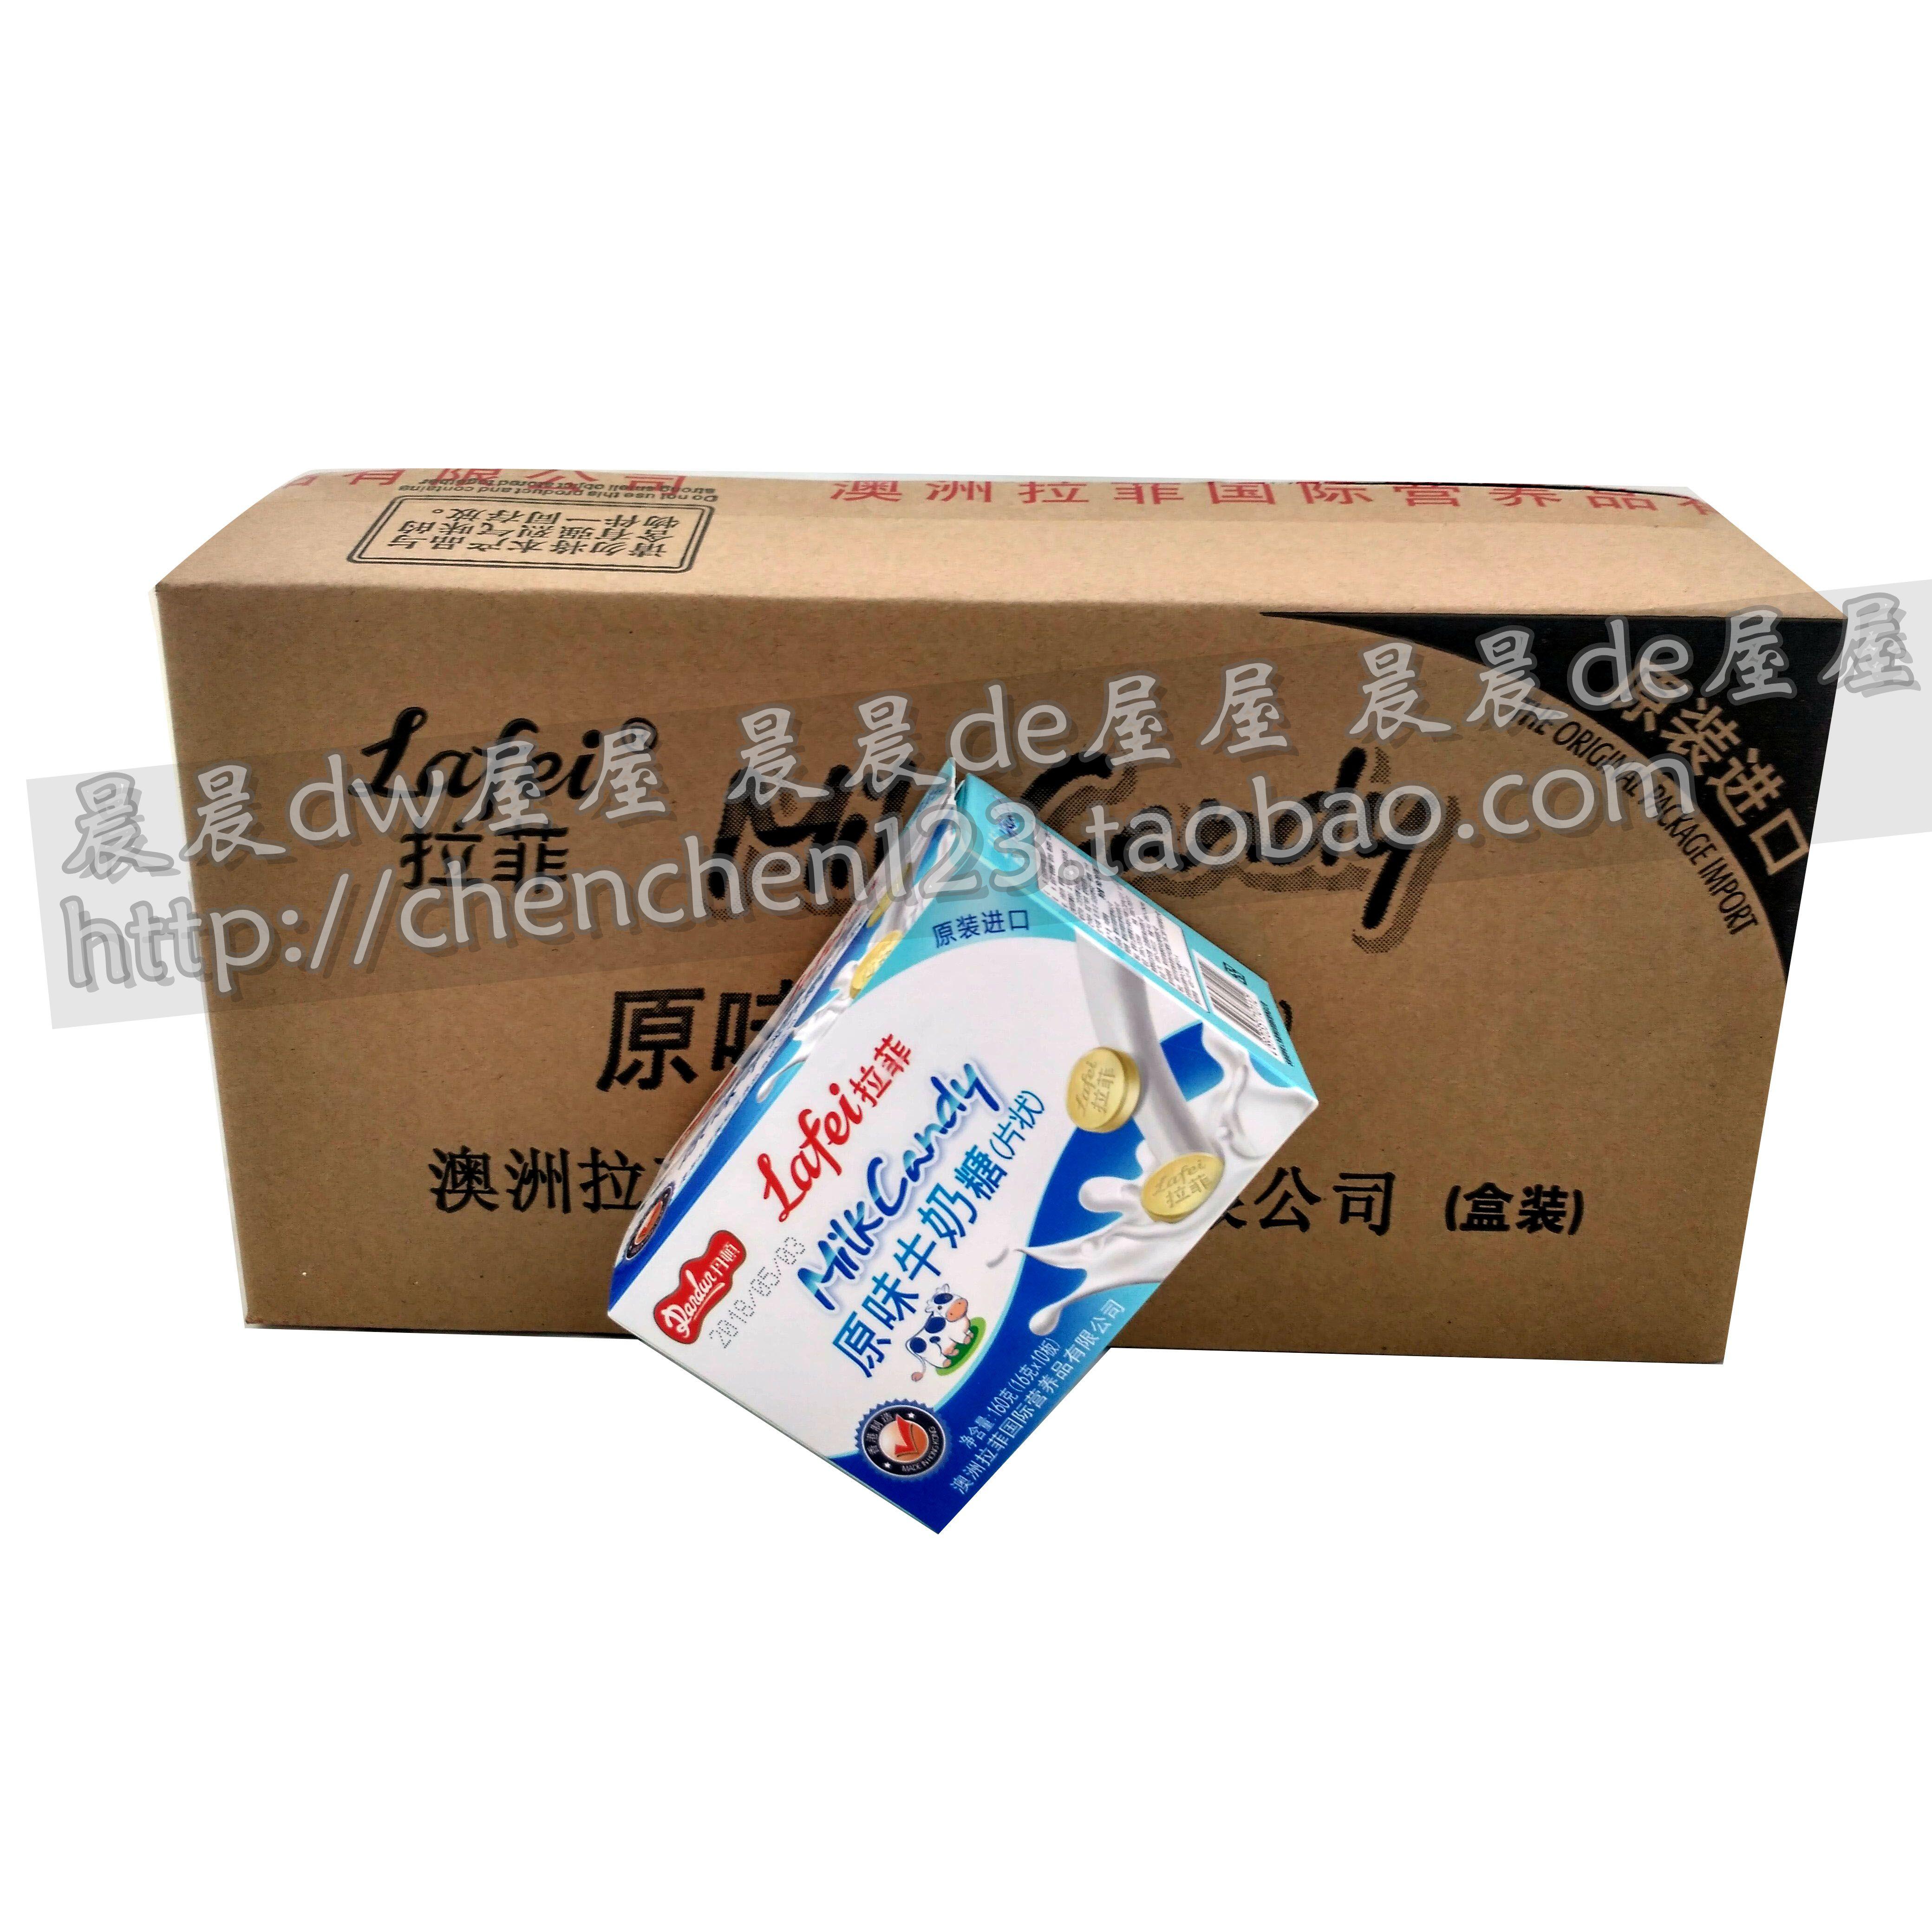 盒 10 整箱香港原装进口澳洲拉菲丹顿原味牛奶片糖 包邮 月新包装 5